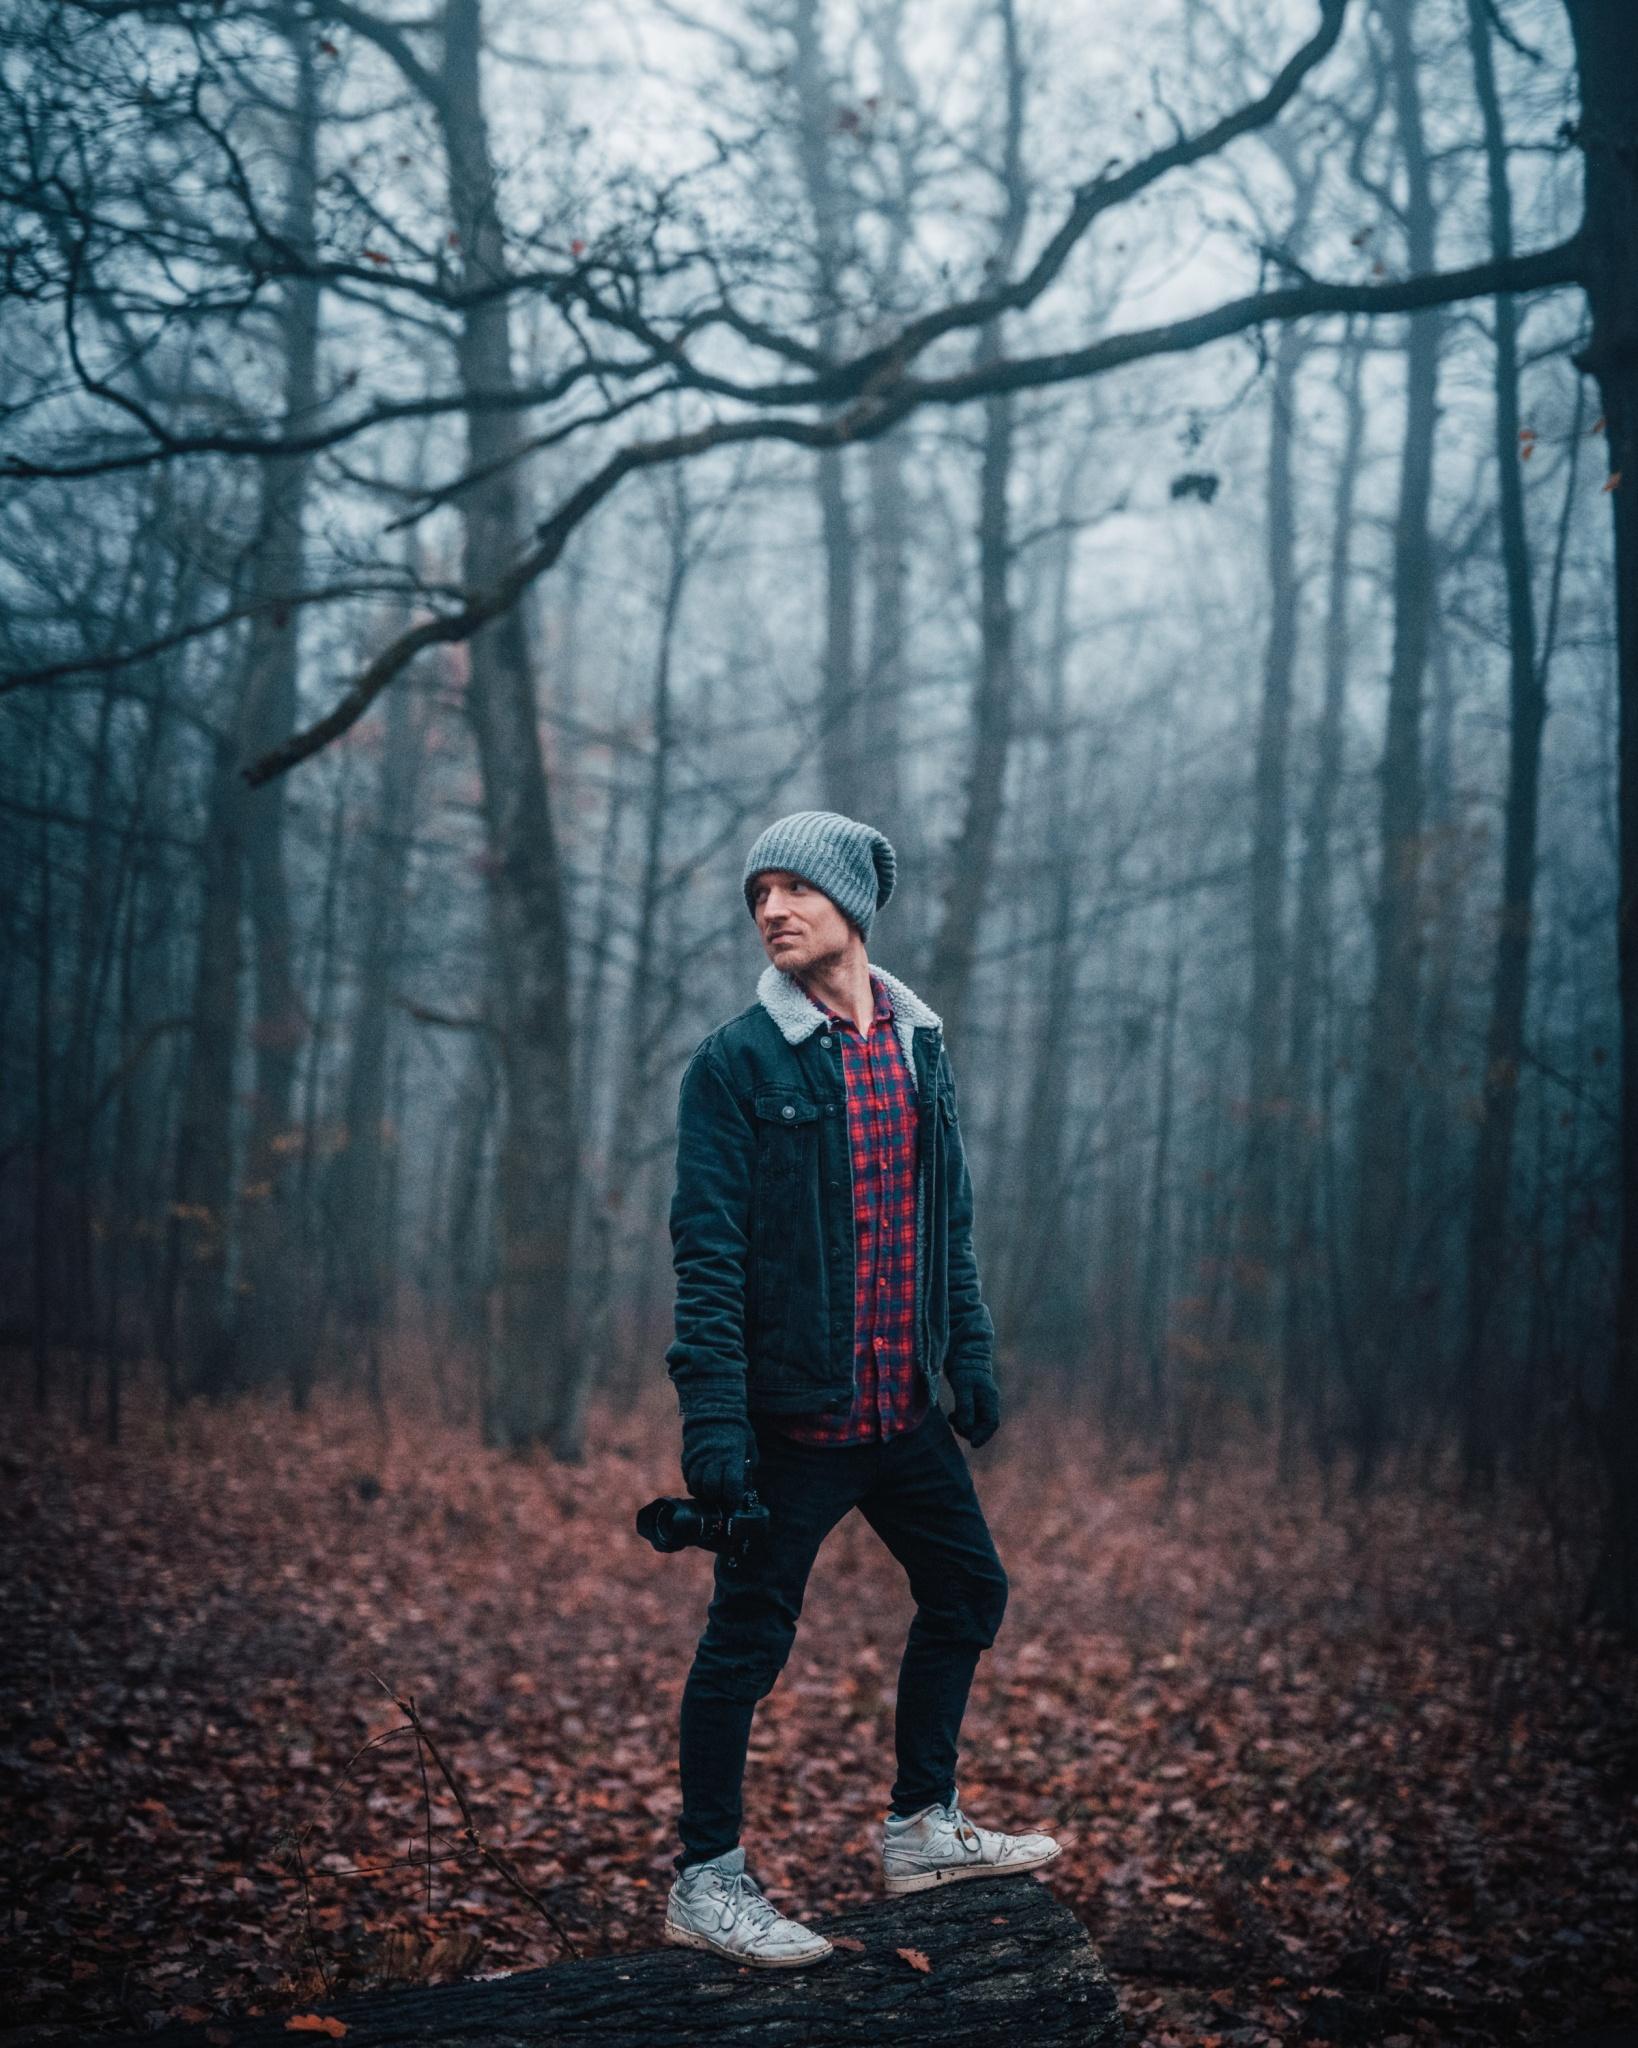 Fotografieren im Nebel: Verleihen Sie Ihren Fotos eine düstere Atmosphäre. Wir geben Tipps zum Fotografieren und Bearbeiten